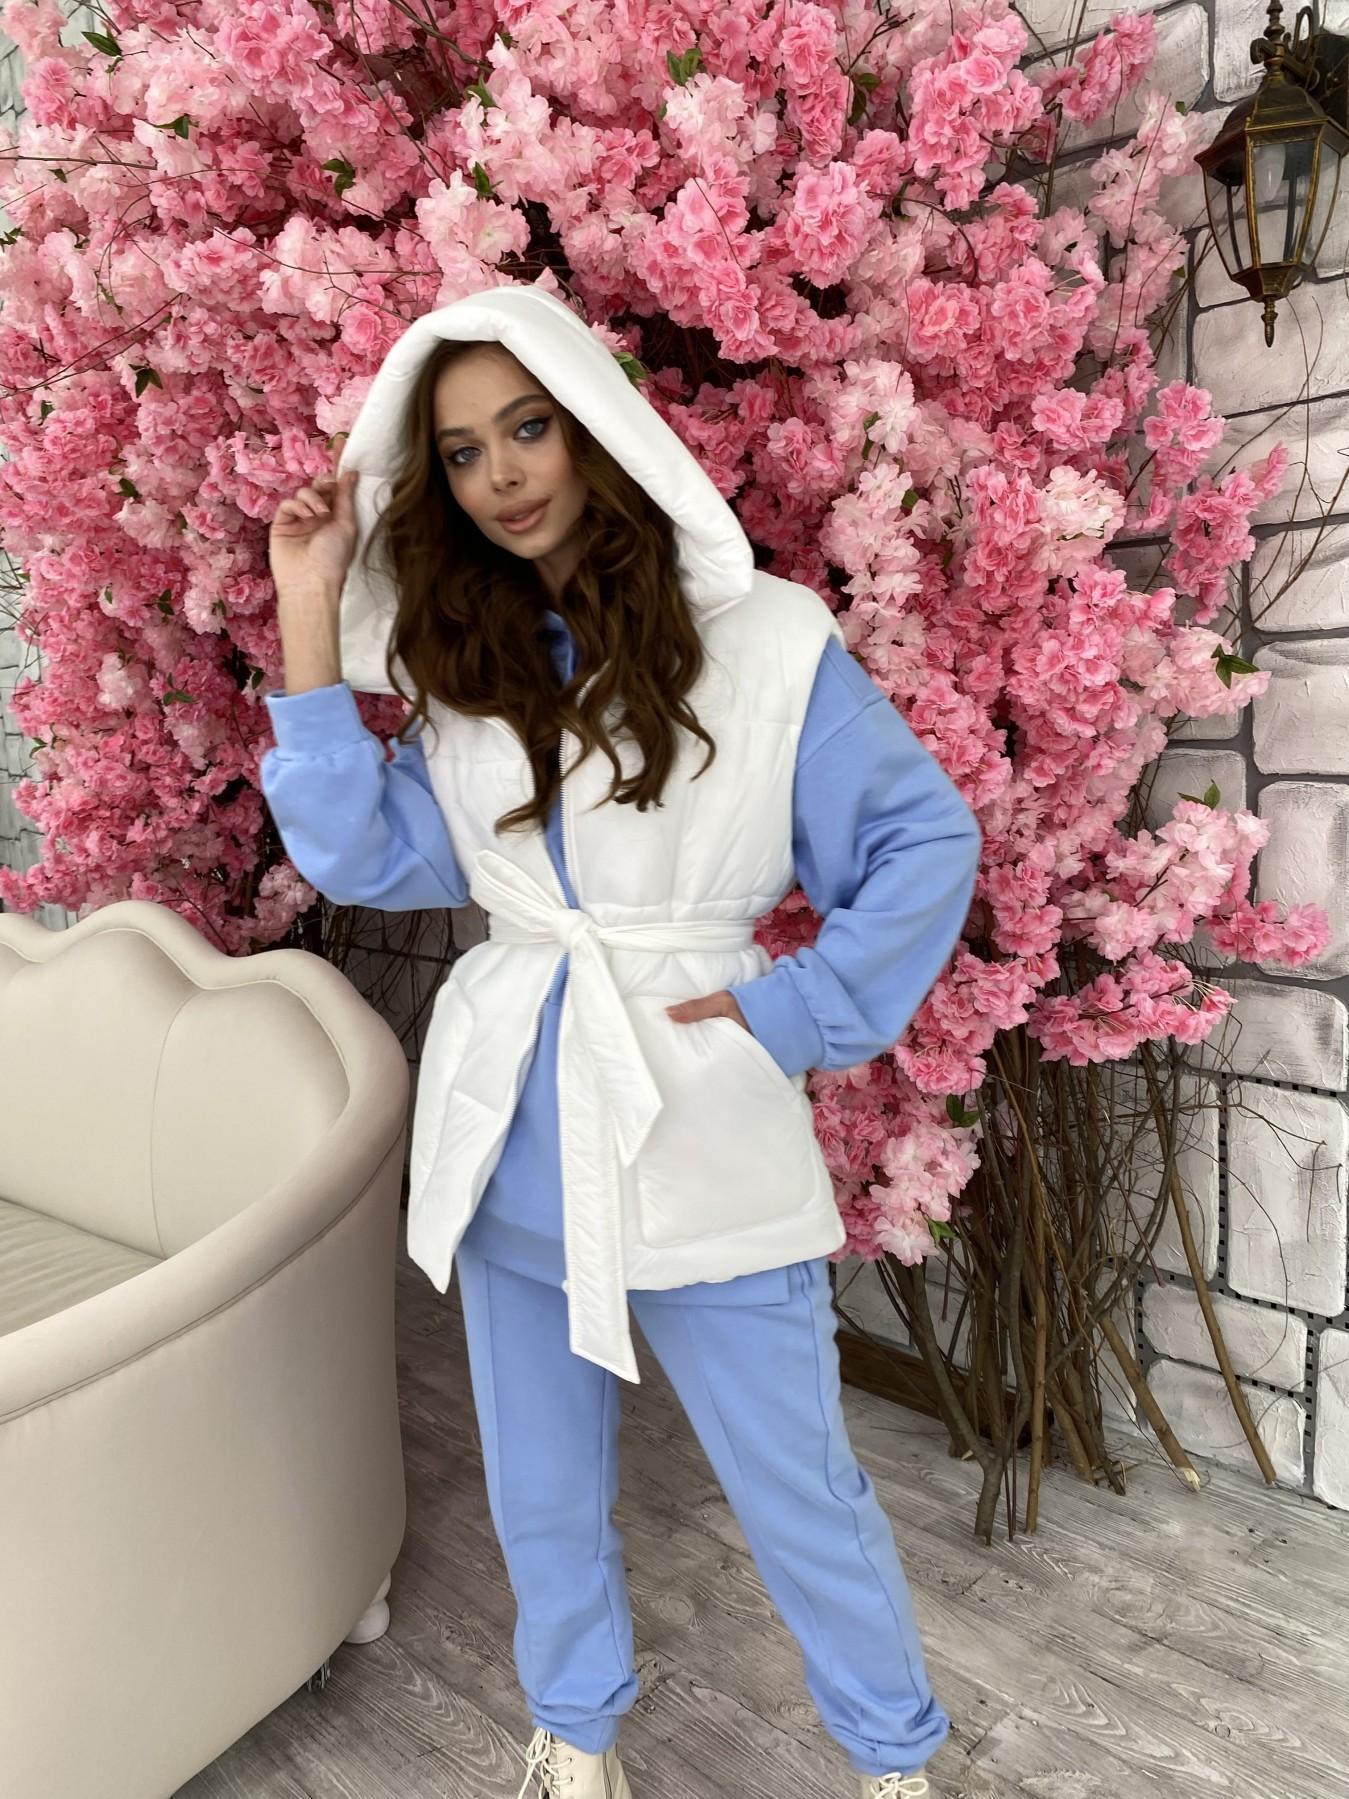 Личчи жилет из плащевой ткани  Ammy 10682 АРТ. 47290 Цвет: Белый - фото 6, интернет магазин tm-modus.ru